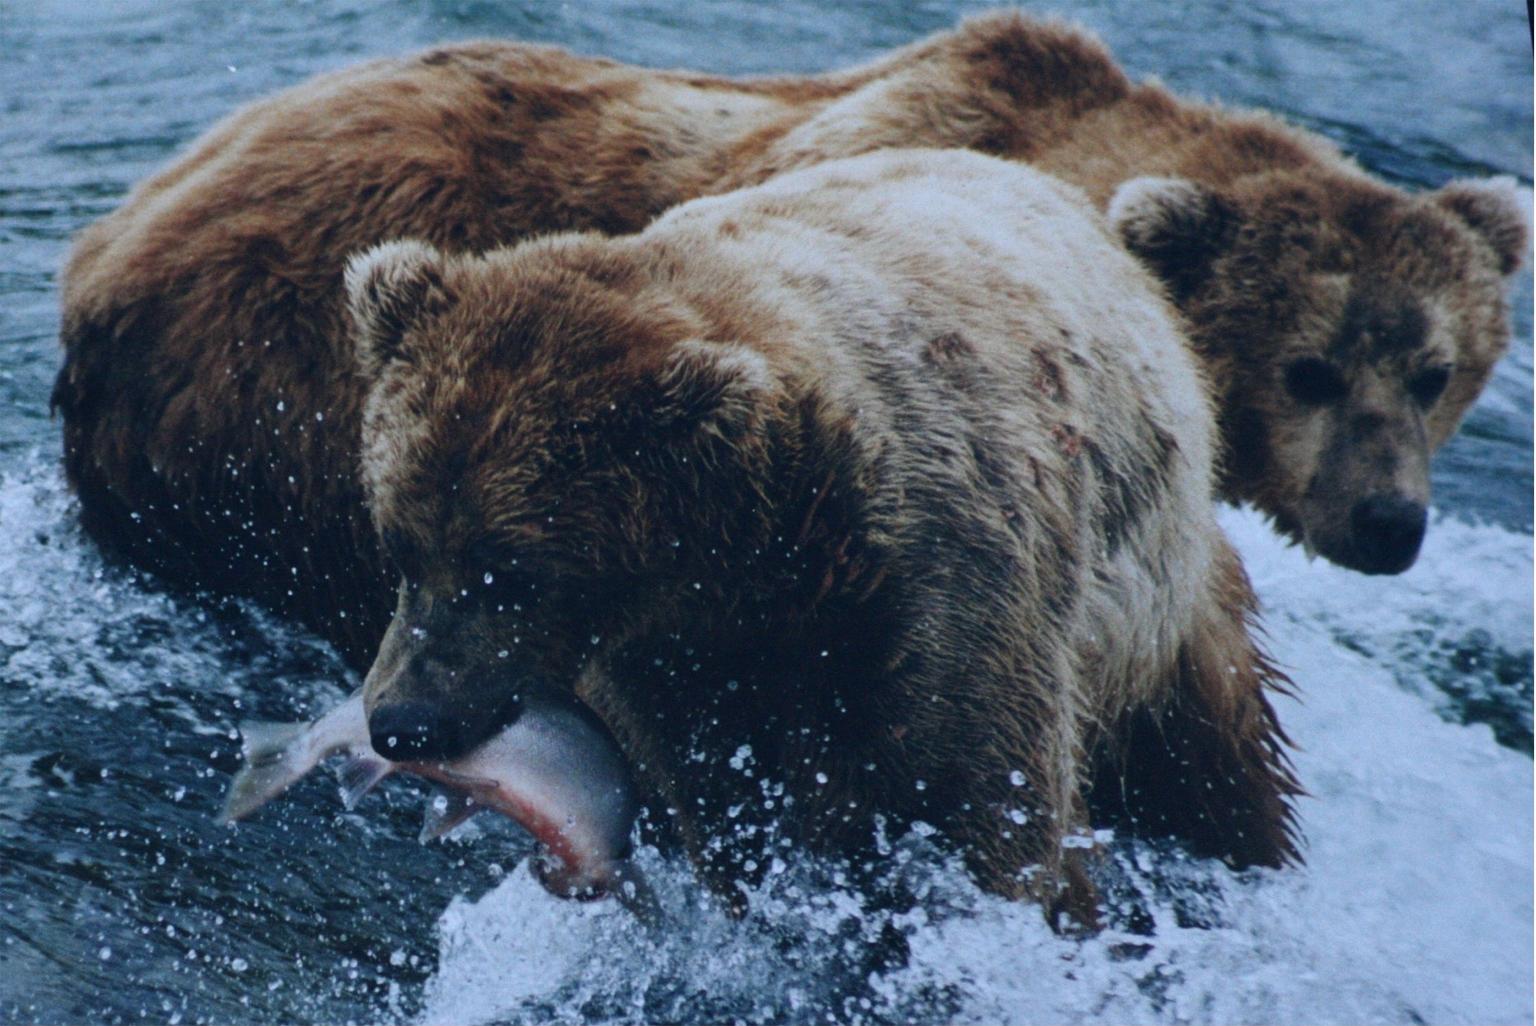 ostbearspeciesareomnivores